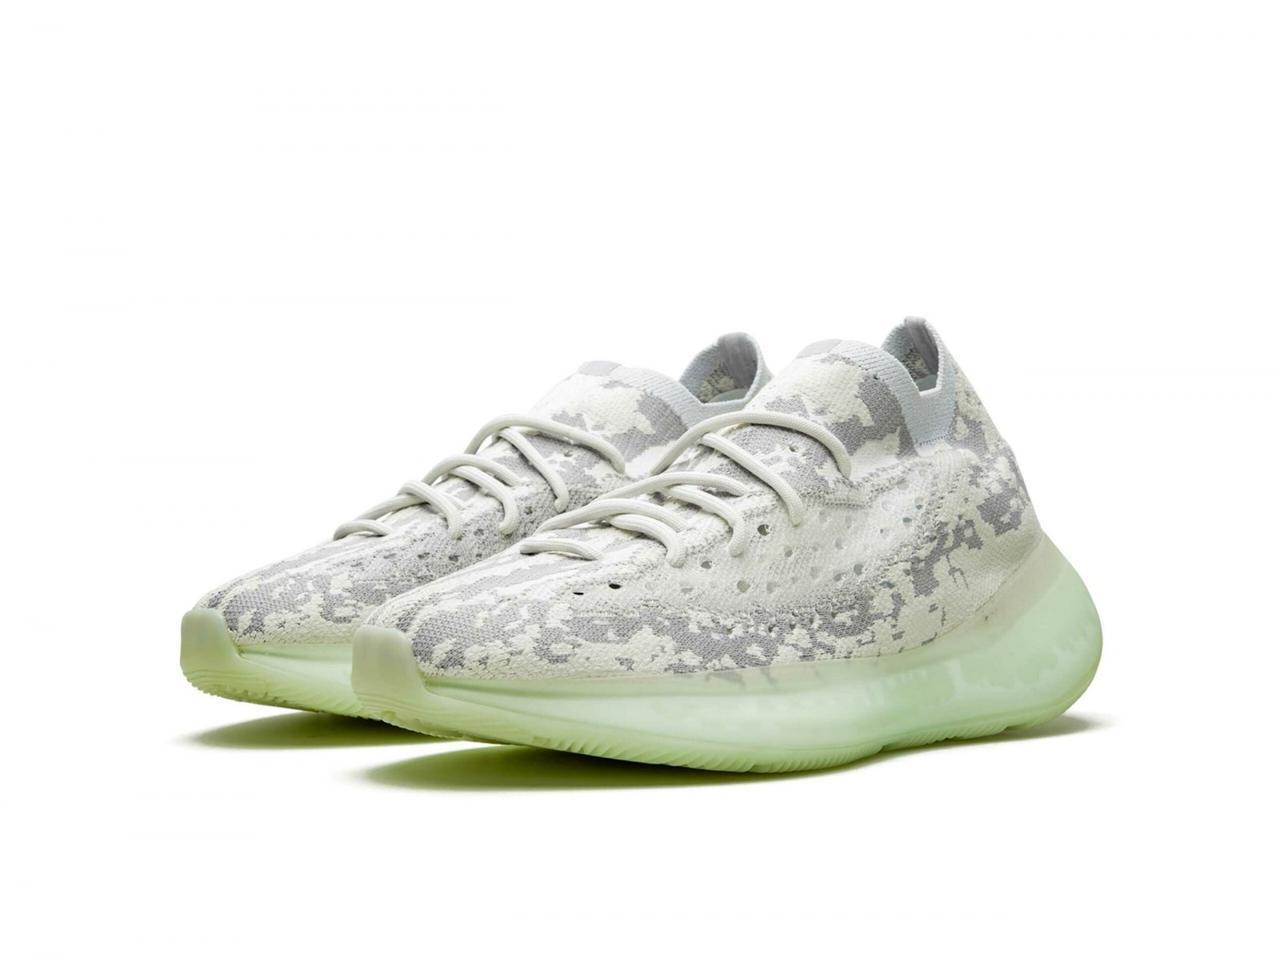 Жіночі кросівки Adidas Yeezy Boost 380 Alien / кросівки Адідас Ізі Бост 380 (Топ репліка ААА+)